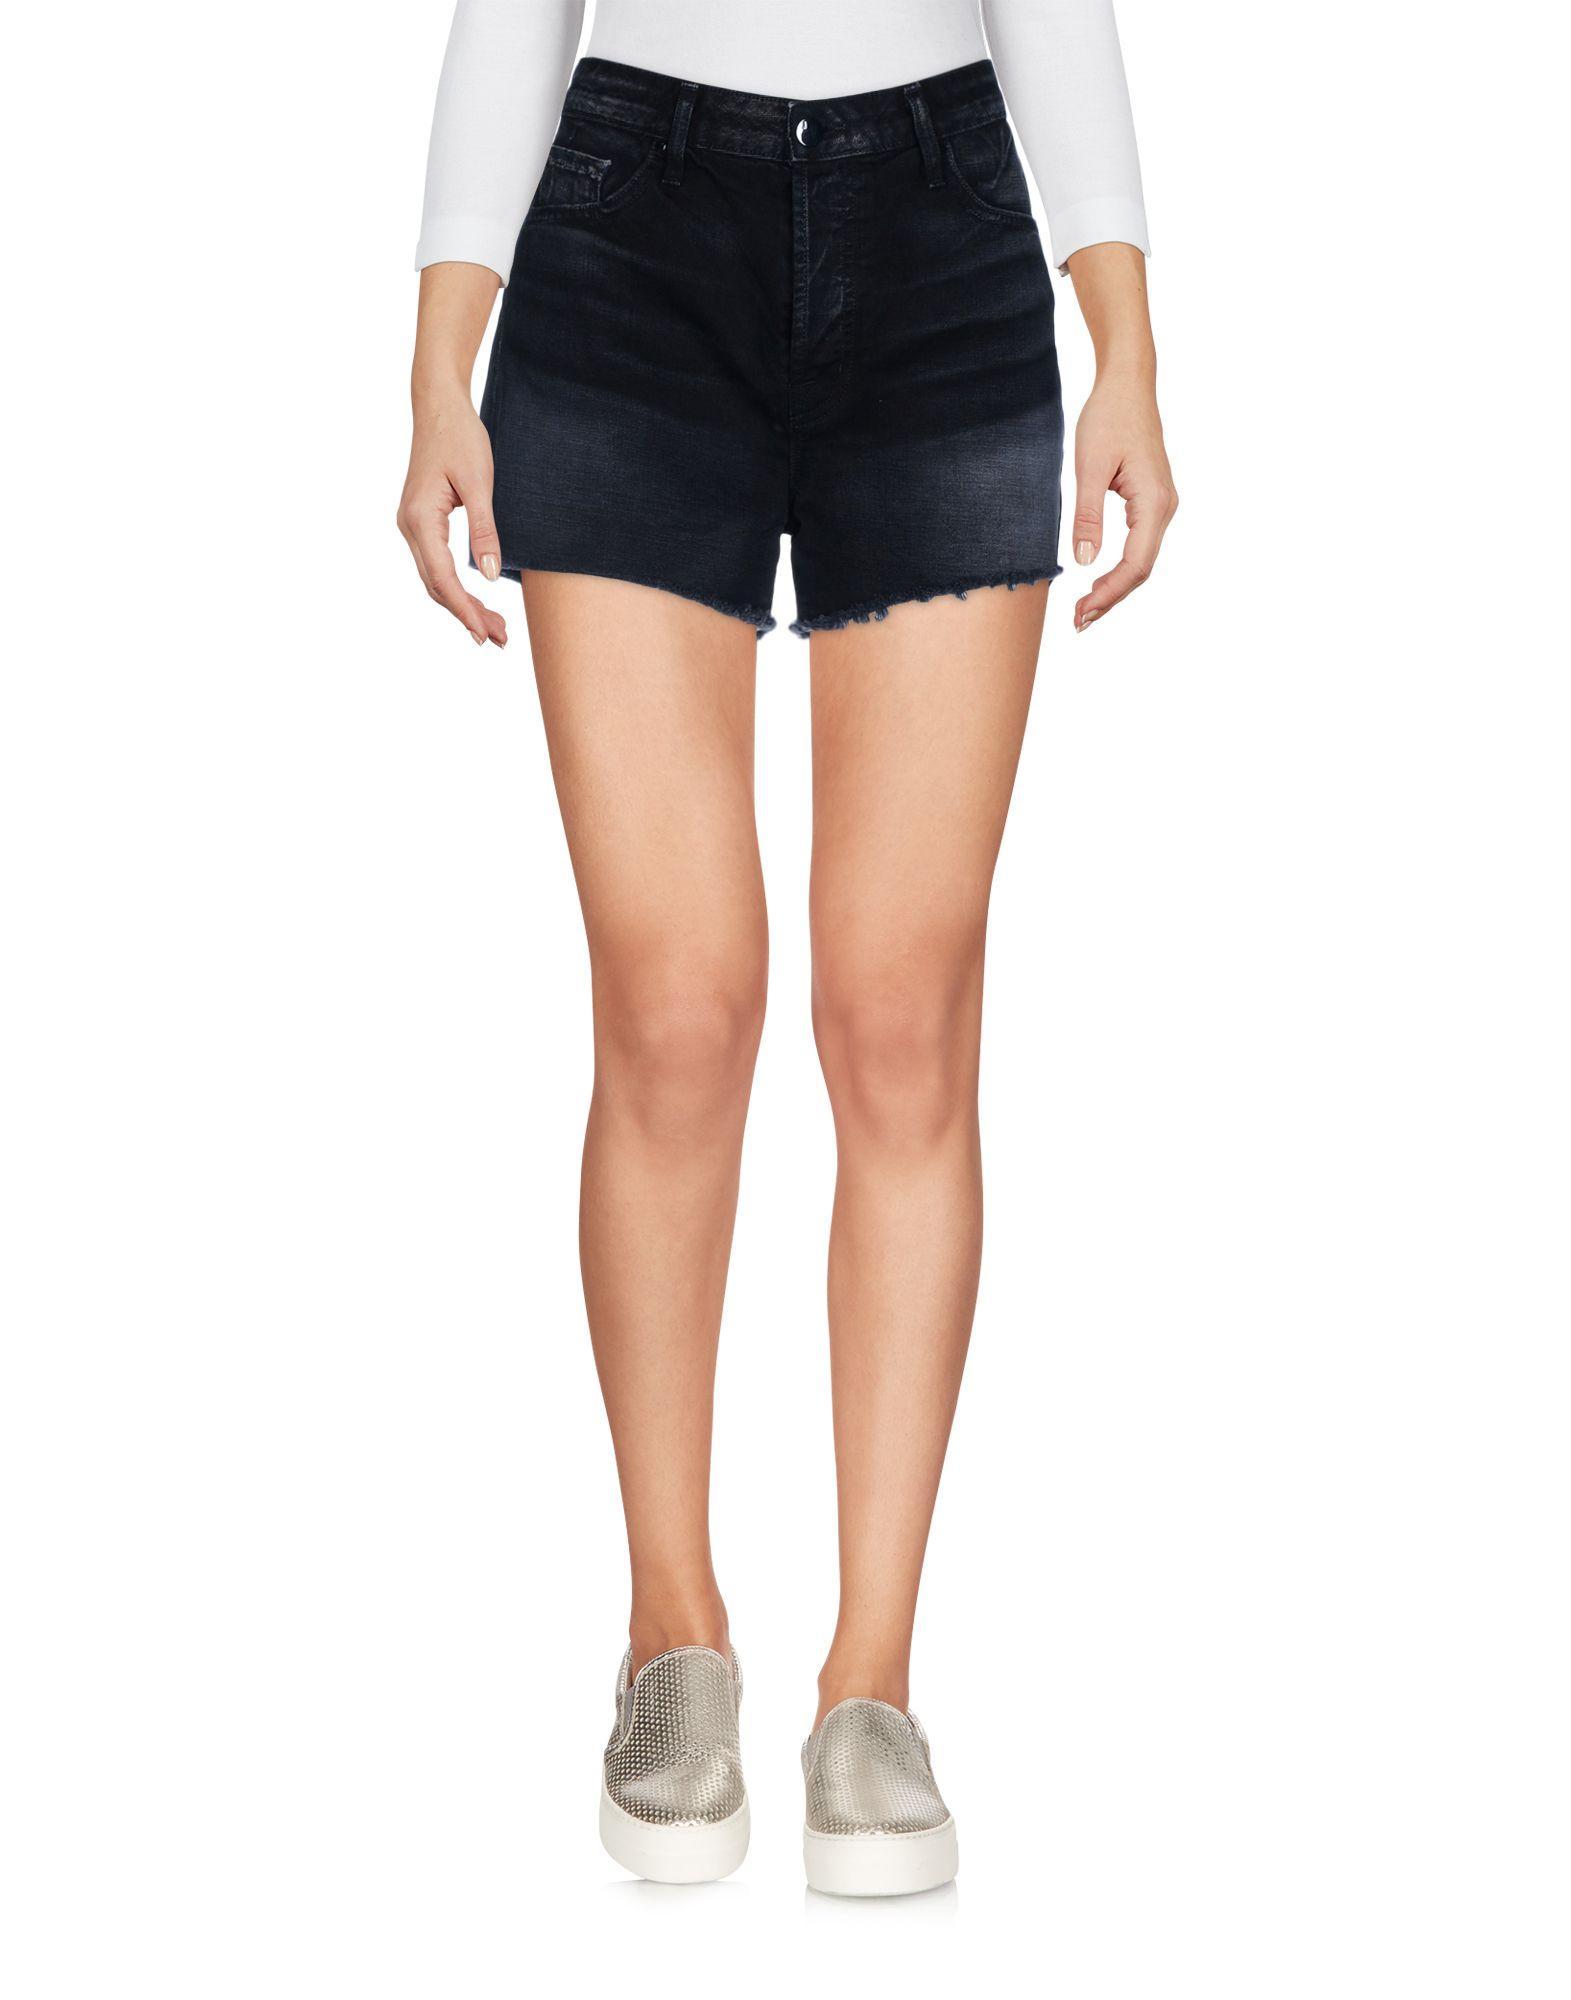 J Brand Denim Shorts In Black